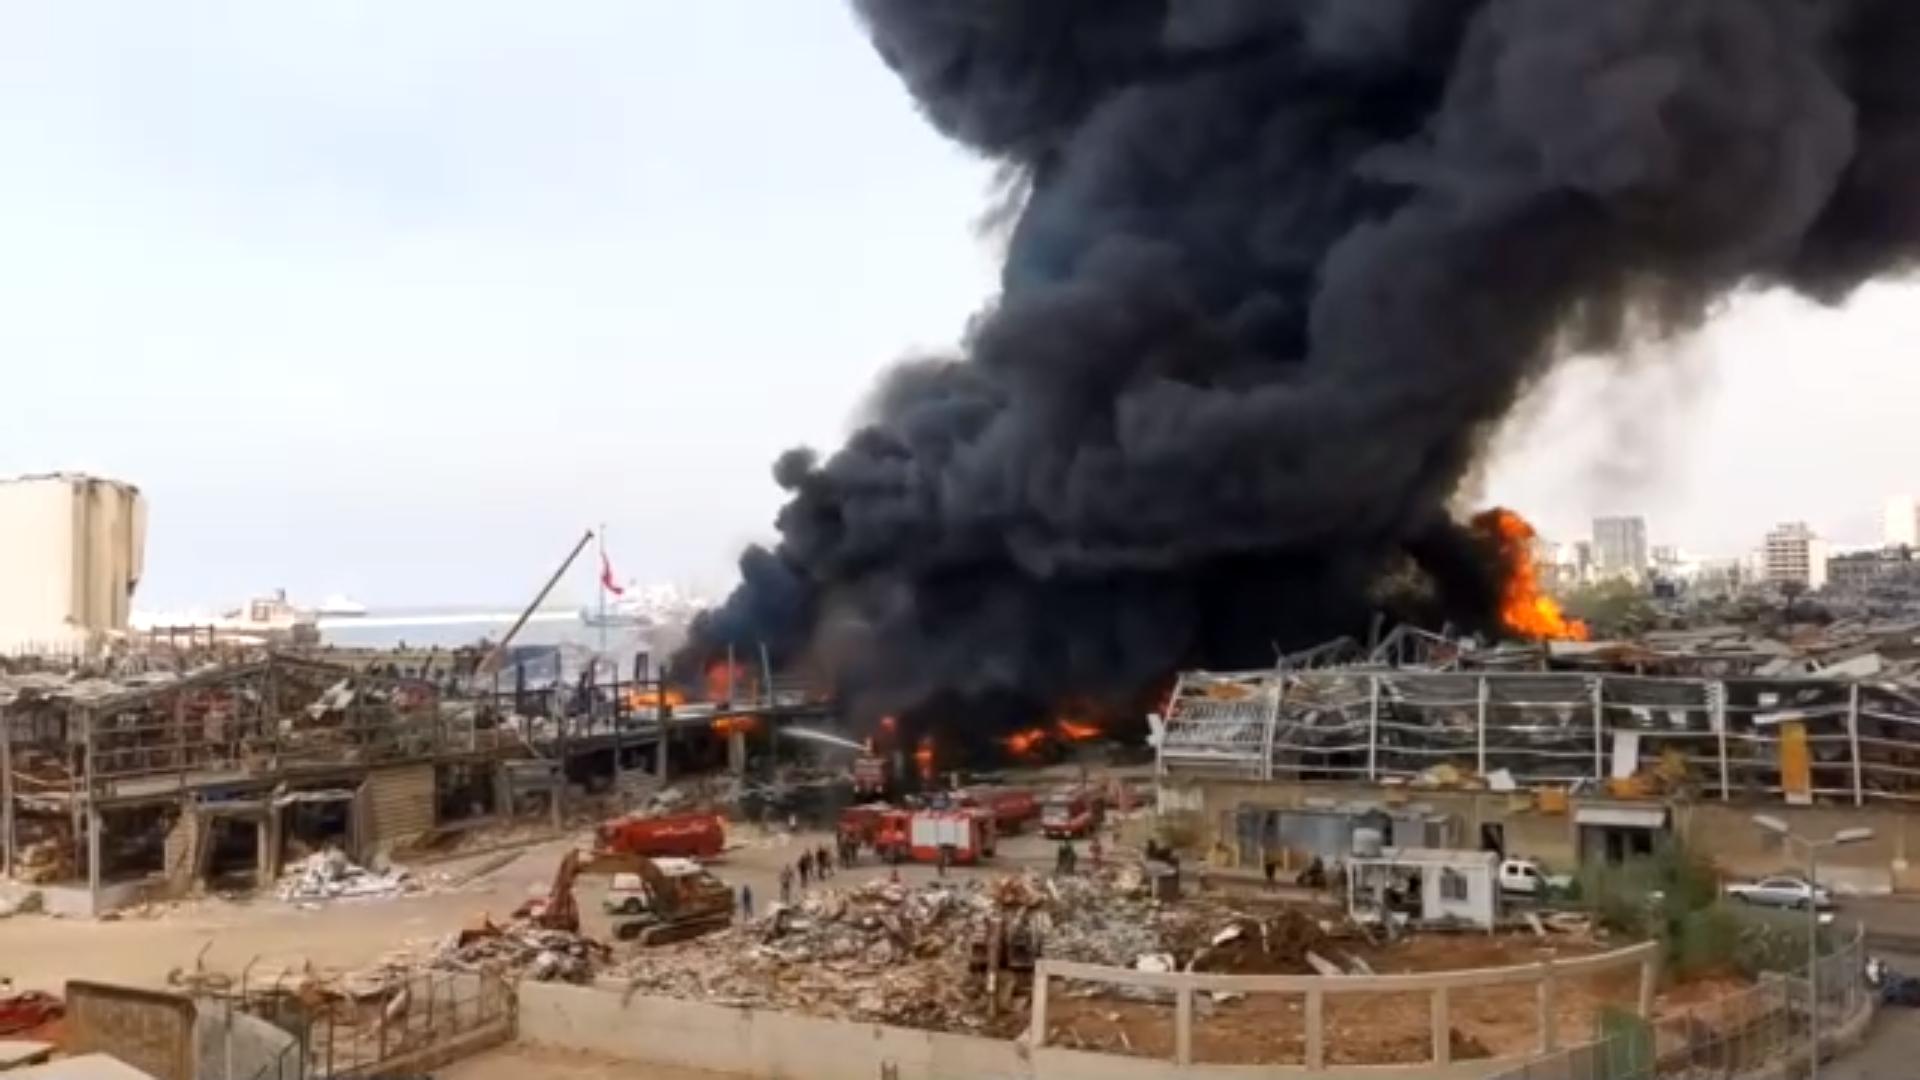 Incendiu uriaș la un depozit din Beirut, la o lună după explozia devastatoare